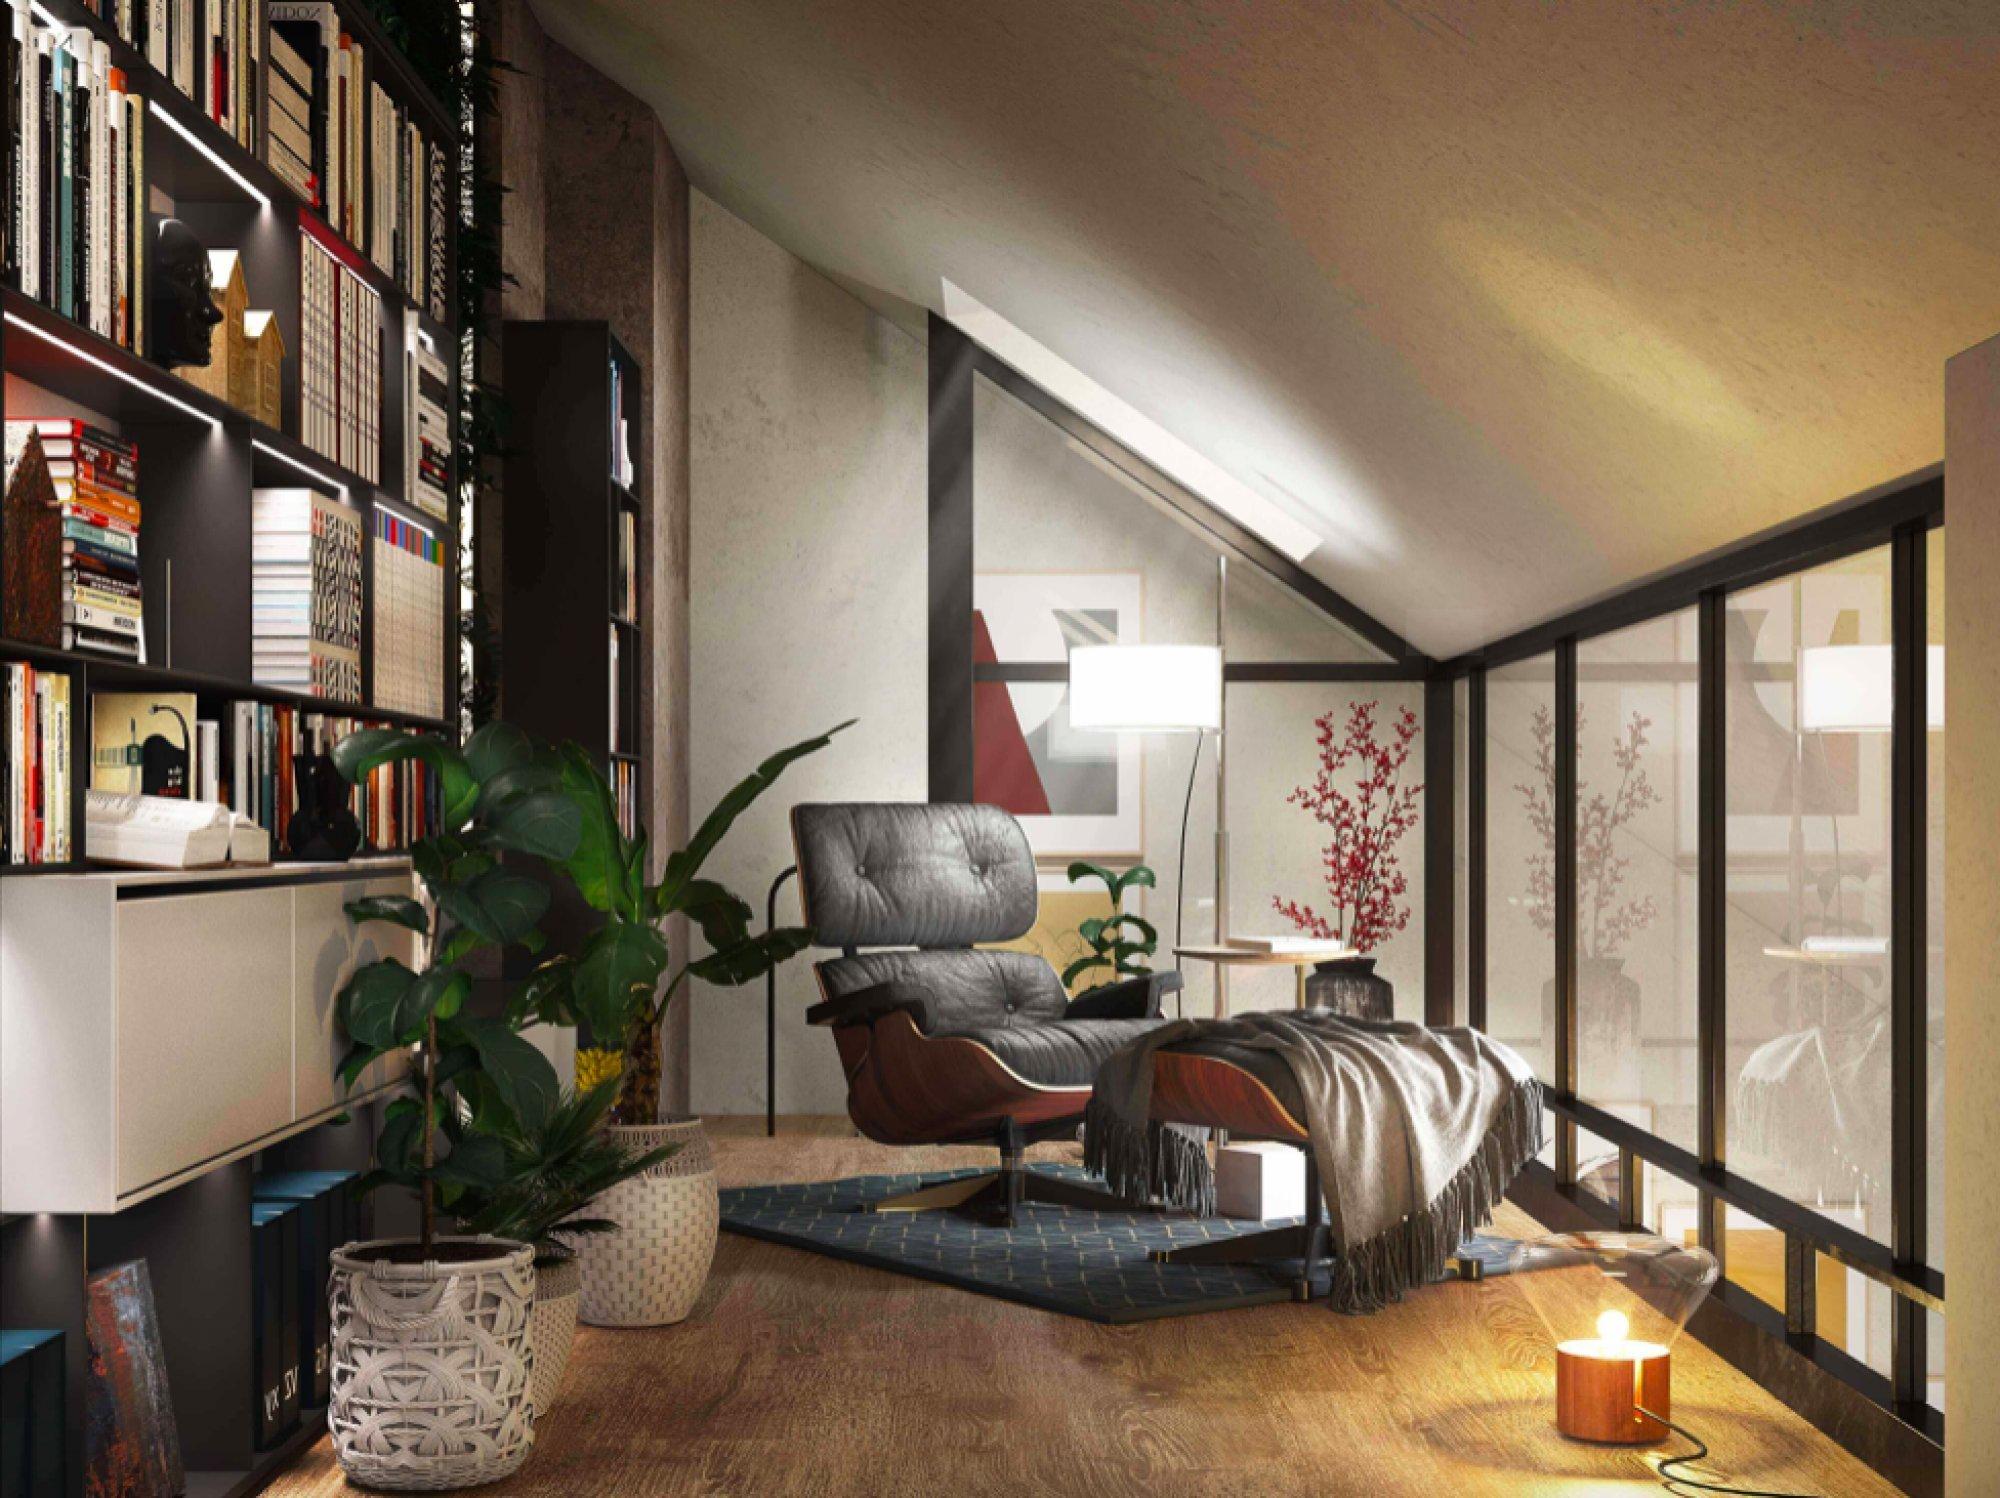 Vizualizace galerie - Půdní byt 3+kk, plocha 75 m², ulice Legerova, Praha 2 - Nové Město | 2